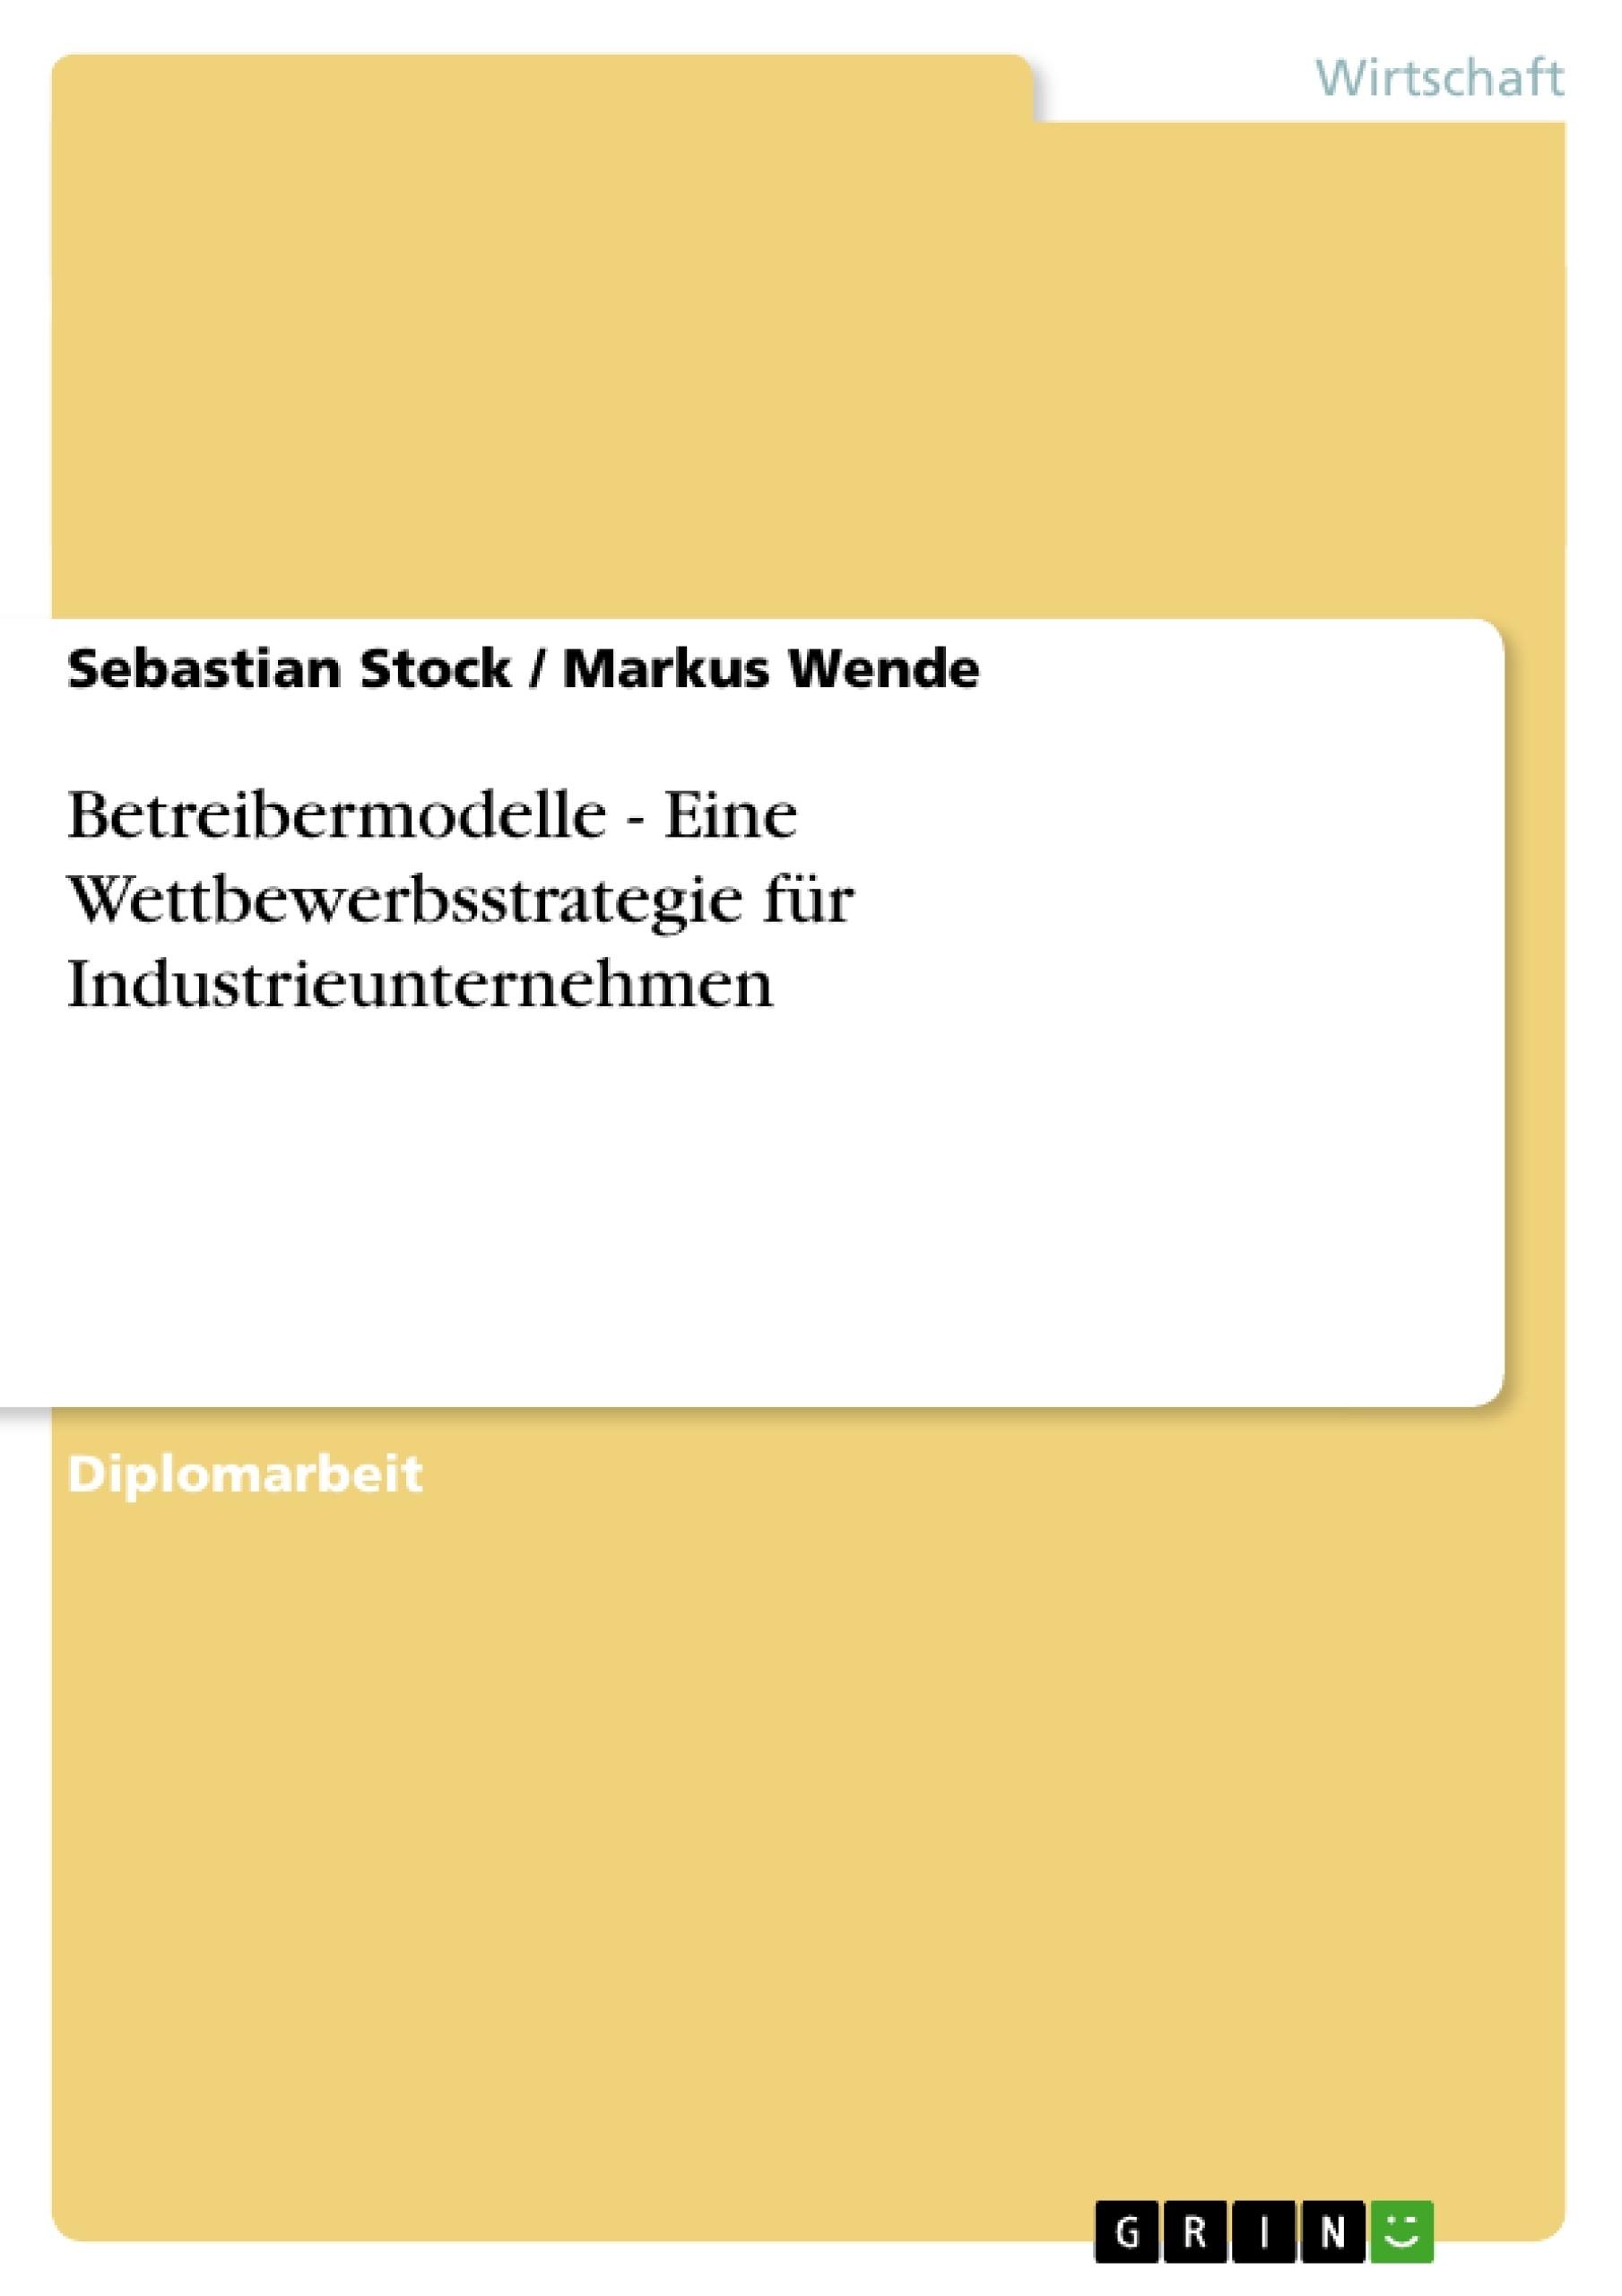 Titel: Betreibermodelle - Eine Wettbewerbsstrategie für Industrieunternehmen